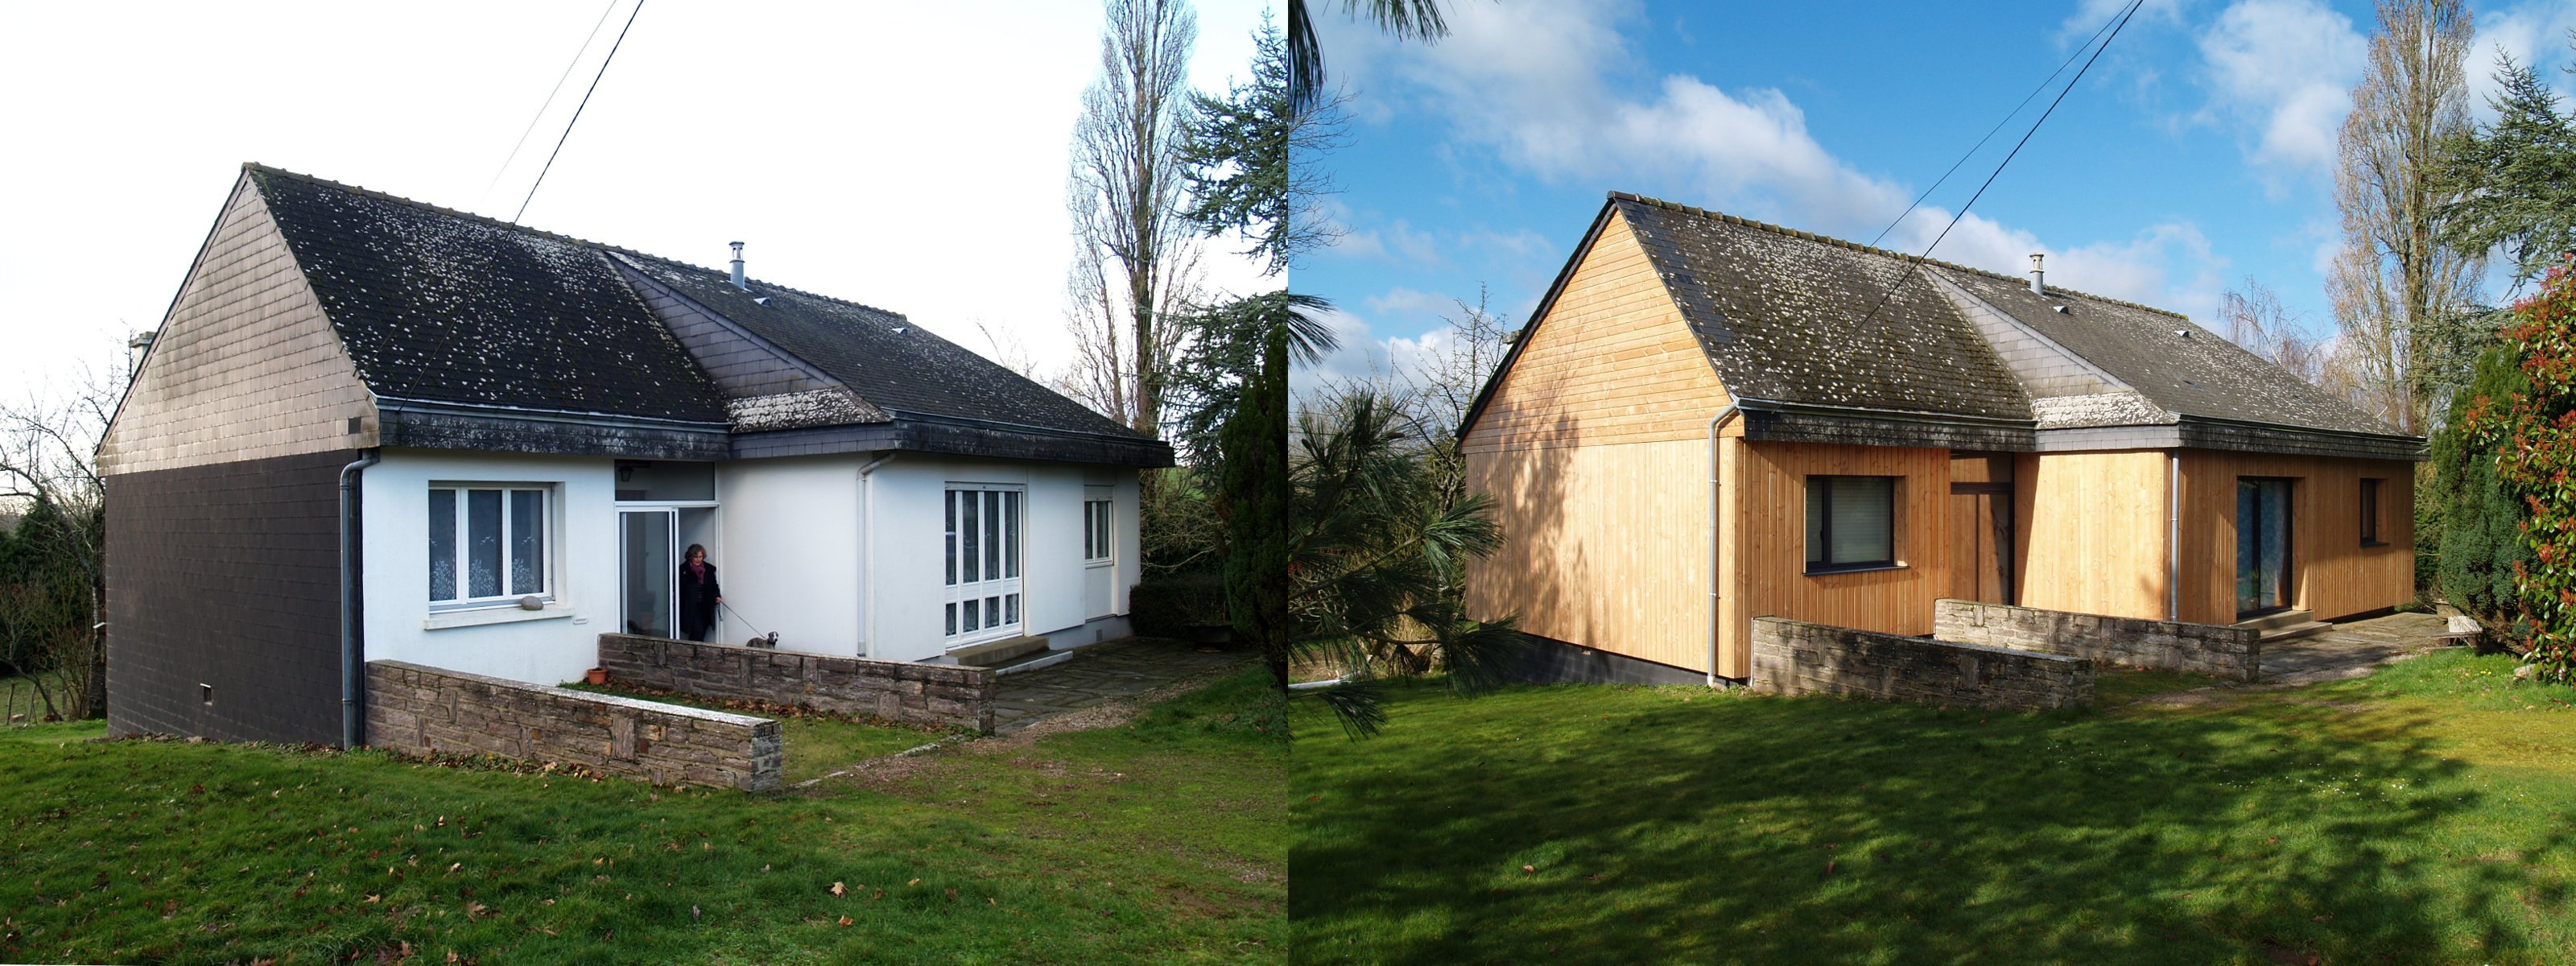 Rénovation thermique _ 2012-2013 - Atelier Architecture verte